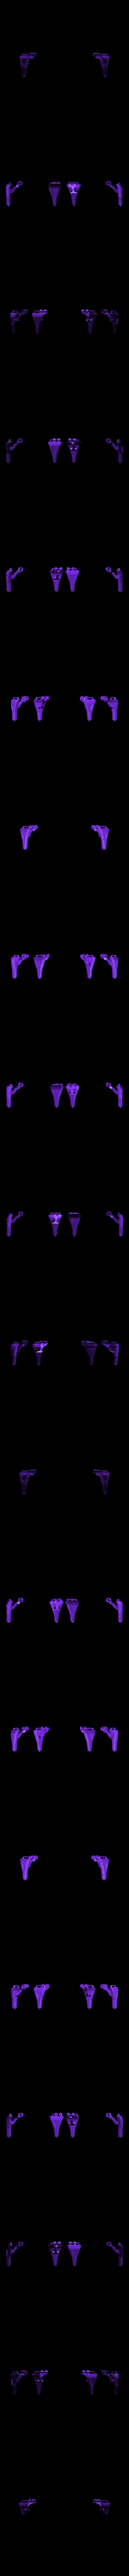 Leg_02.stl Download free STL file Posable Sci-Fi Tank - MK 01 • Design to 3D print, CarlCreates